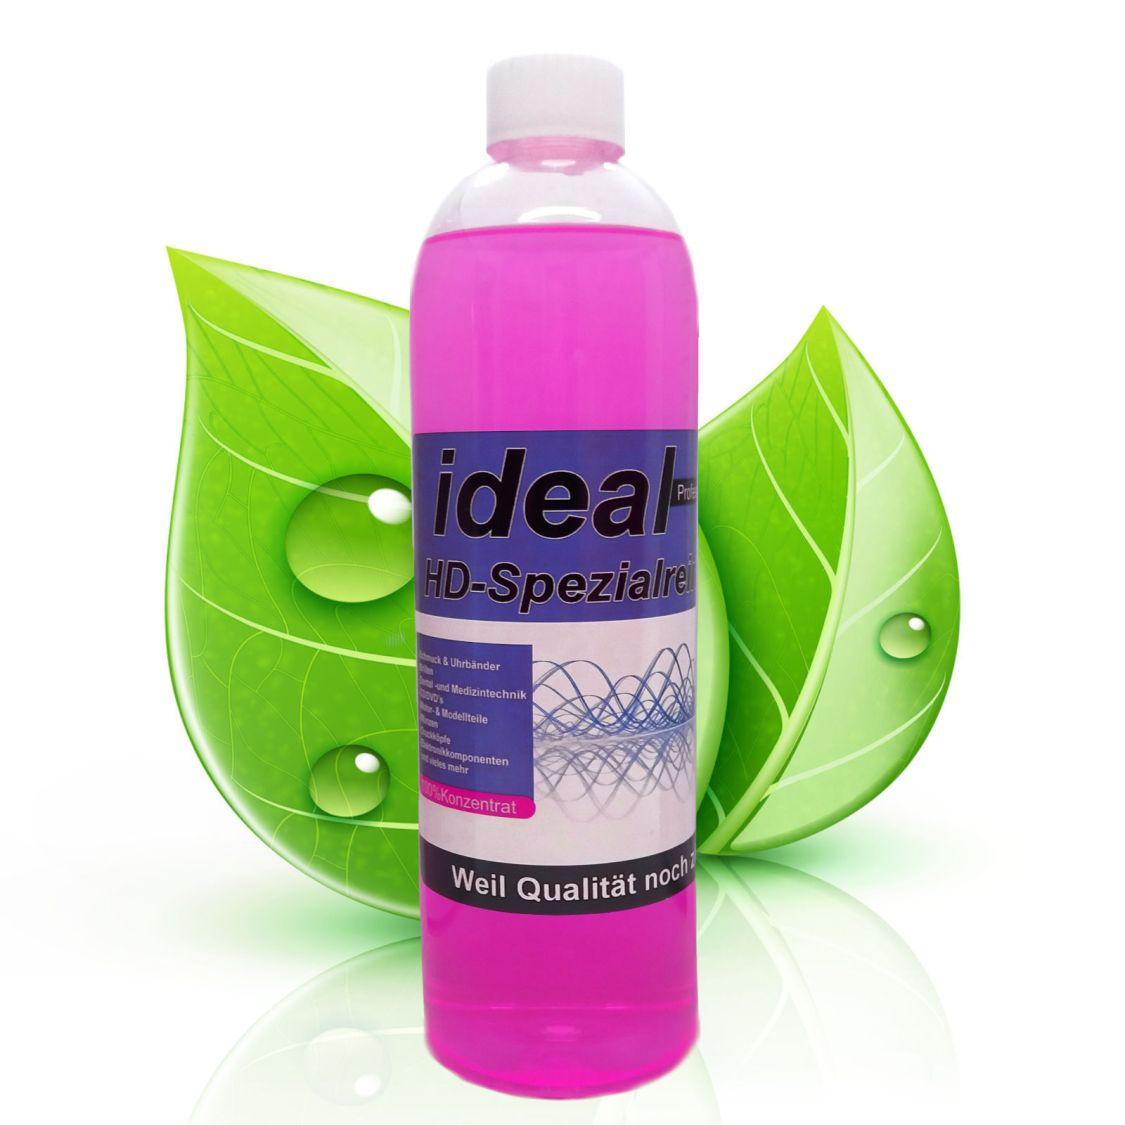 ideal Ultraschallreiniger Konzentrat HD-Spezialreiniger 1 Liter